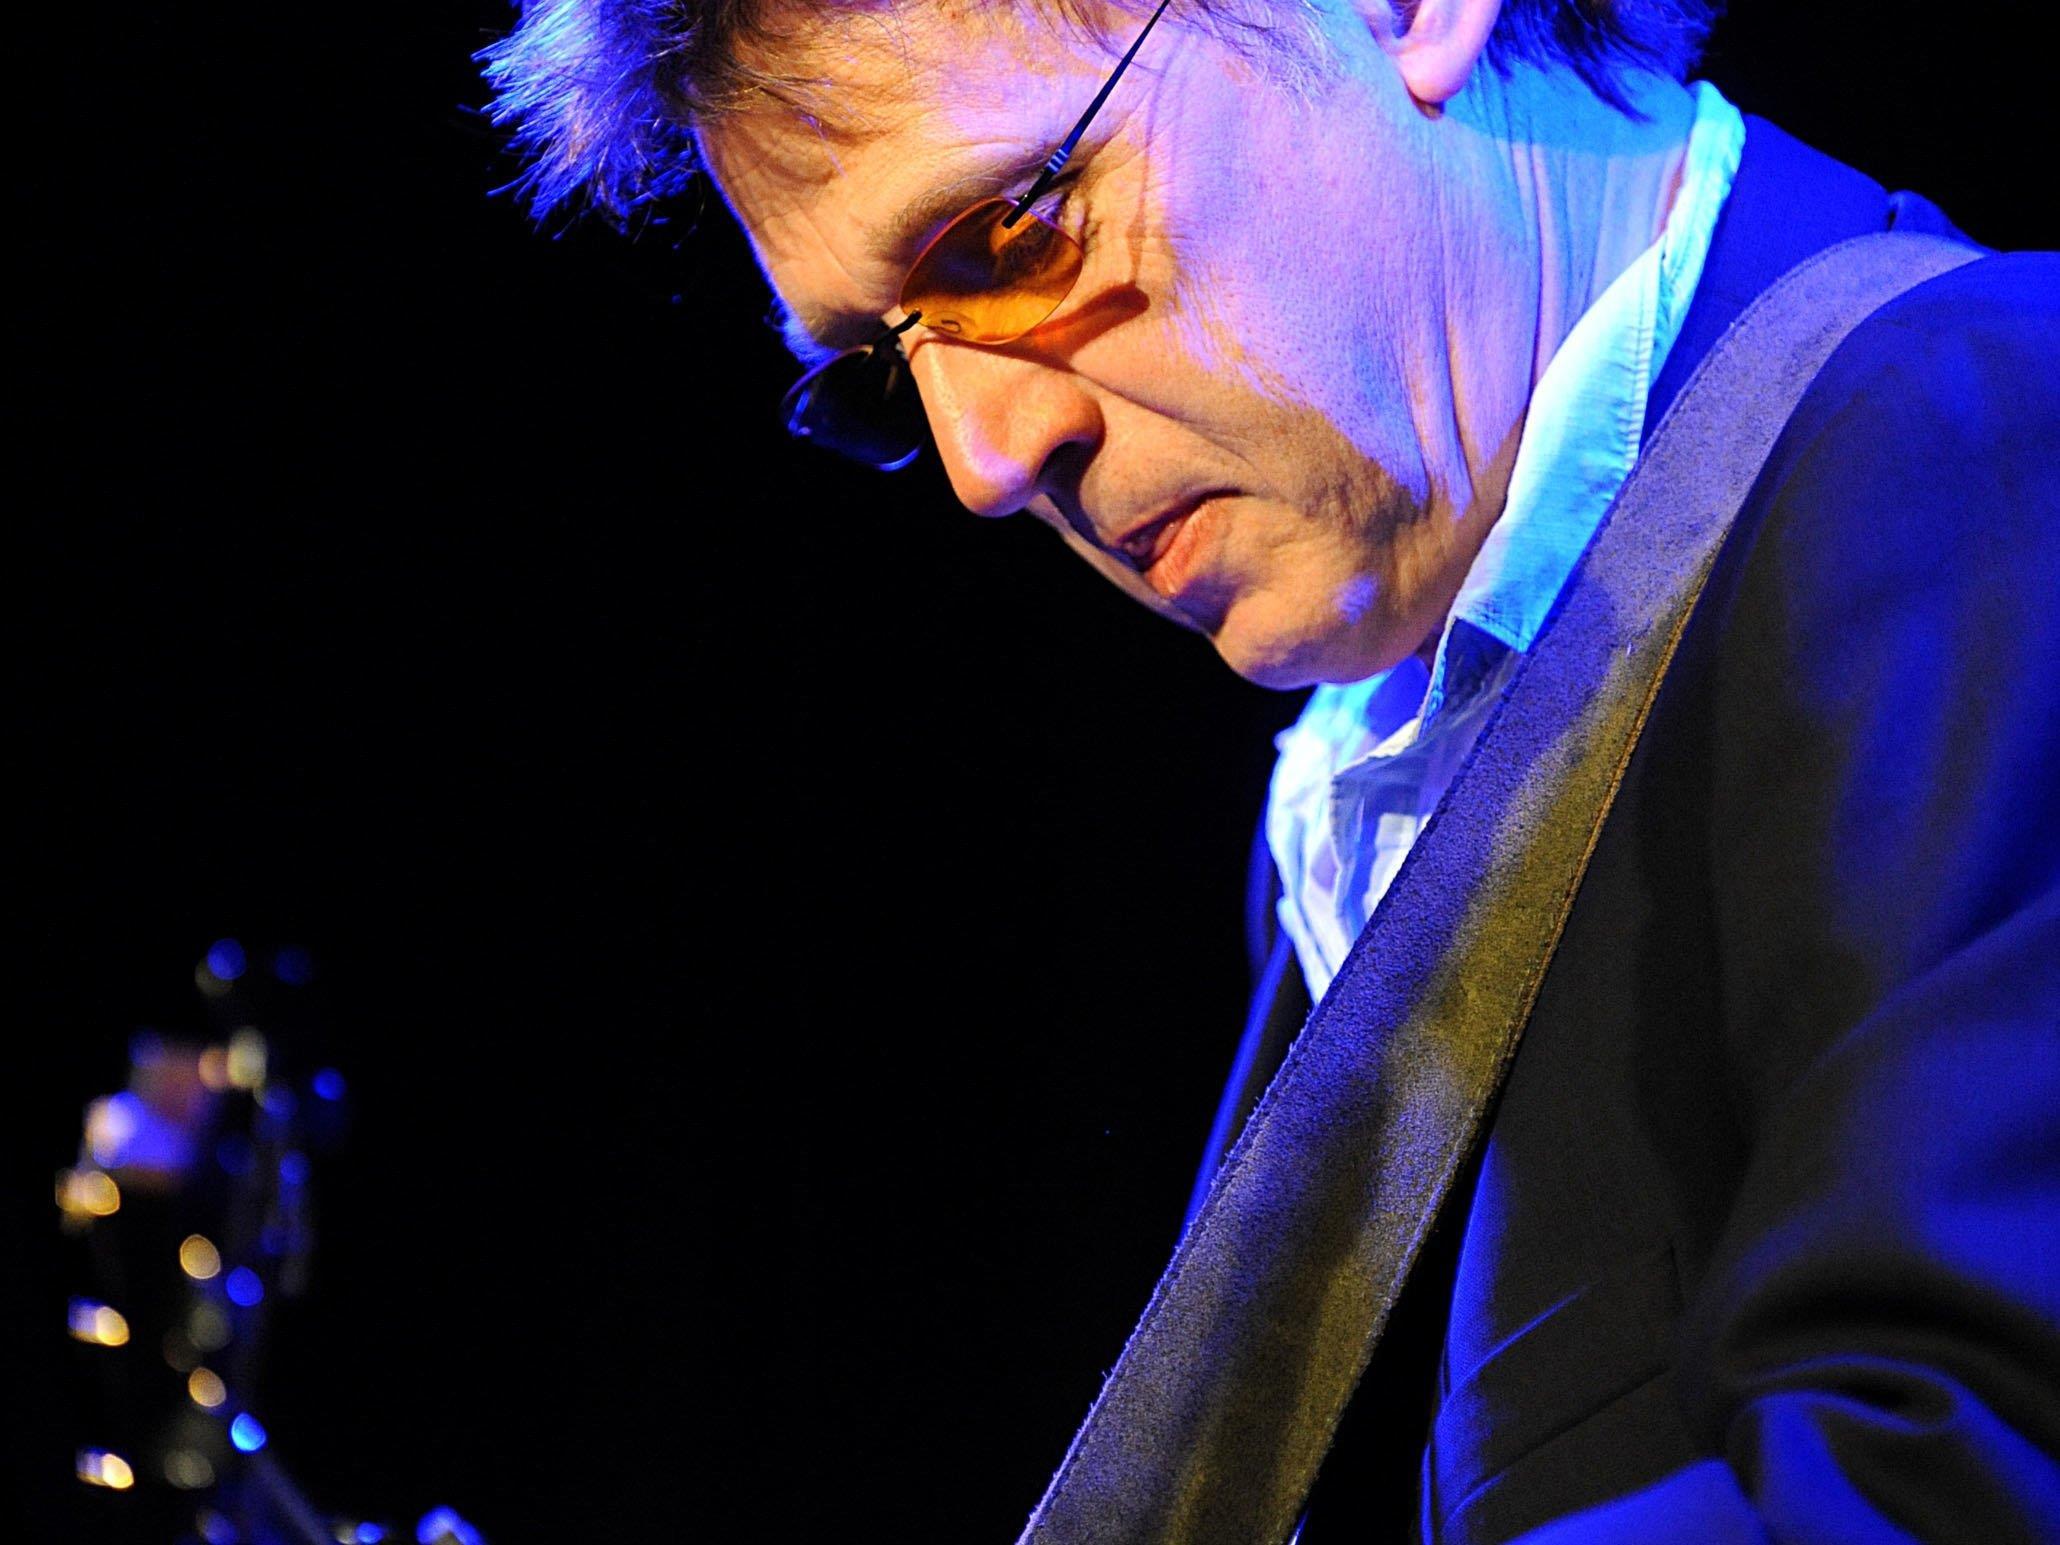 David Knopfler gastiert am 15. September im Hohenemser Löwensaal.